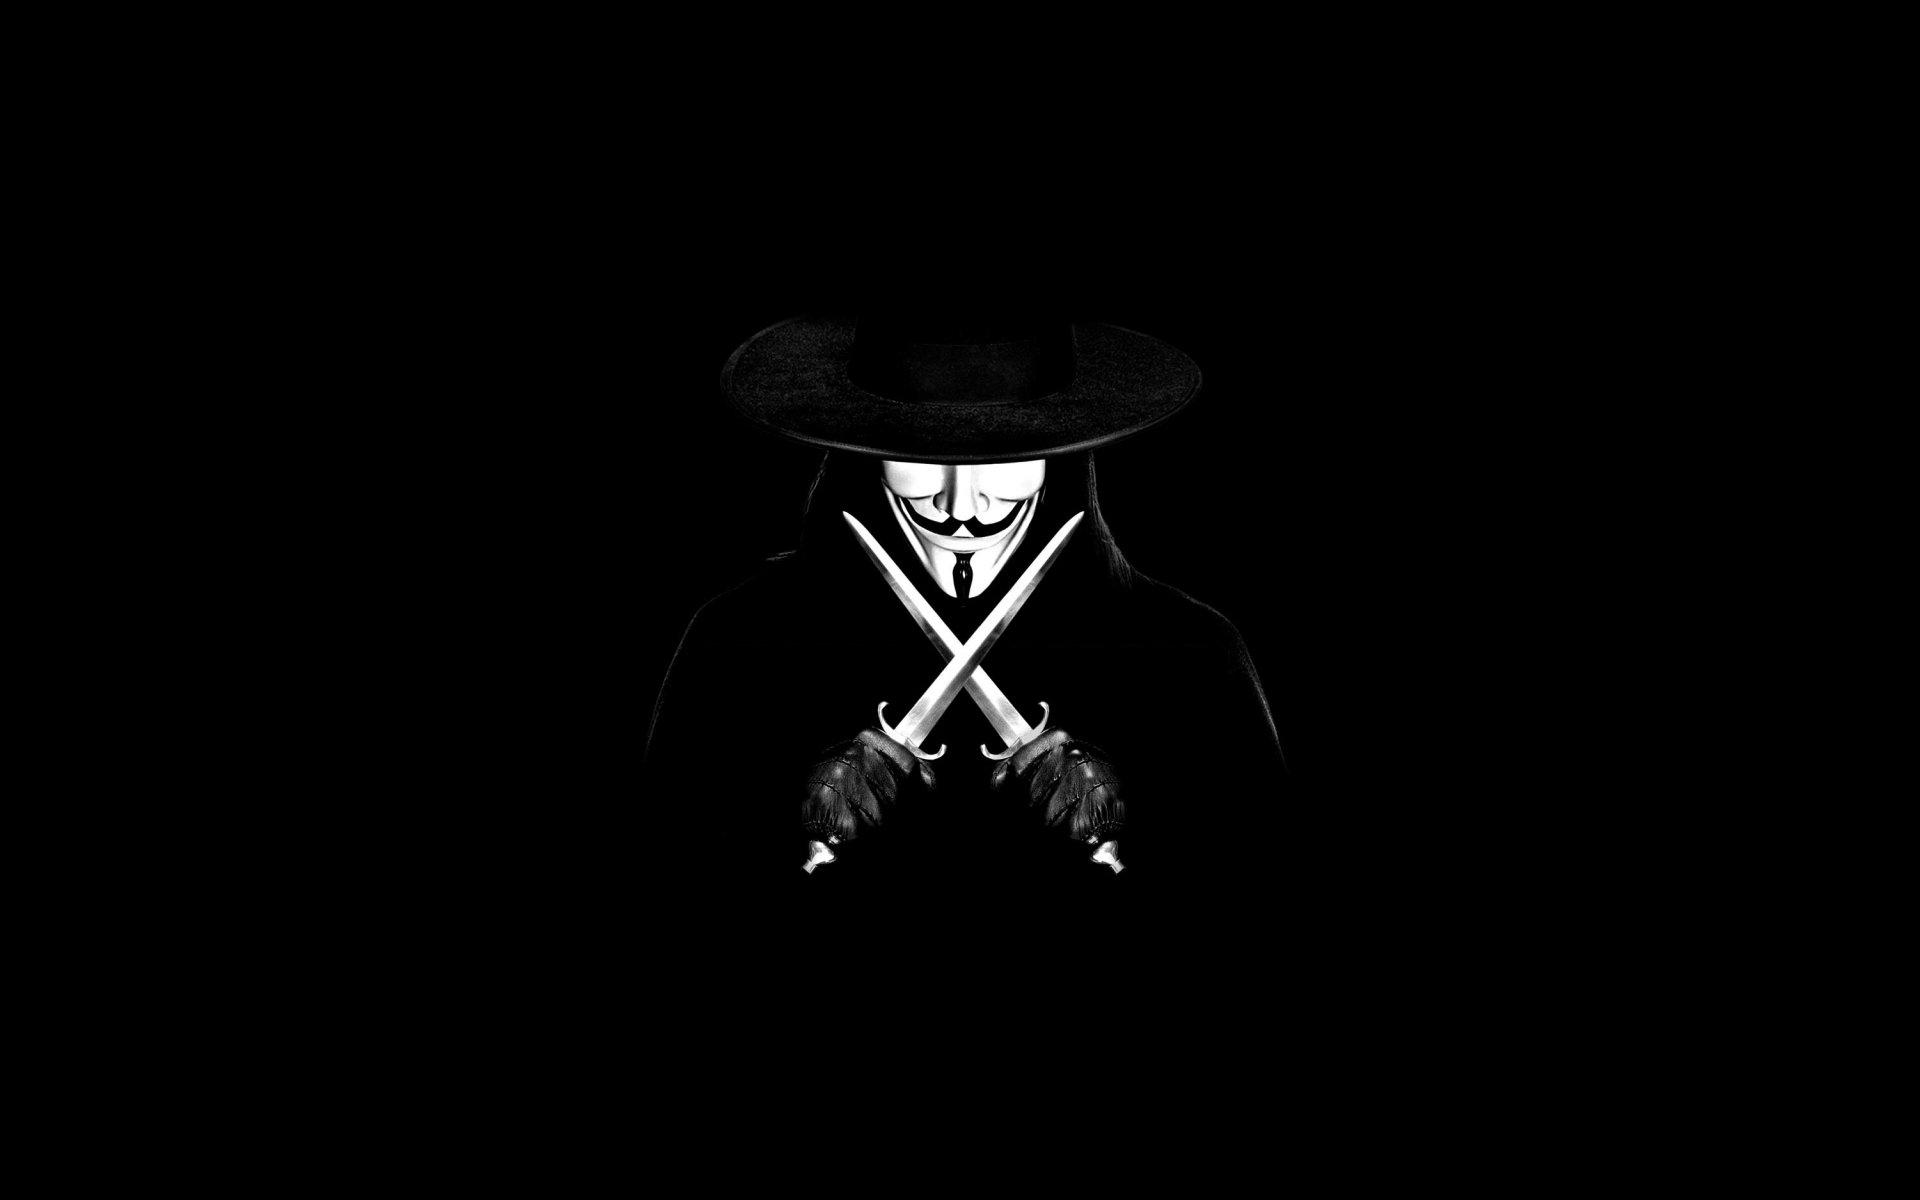 V for Vendetta   V for Vendetta Wallpaper 13512847 1920x1200